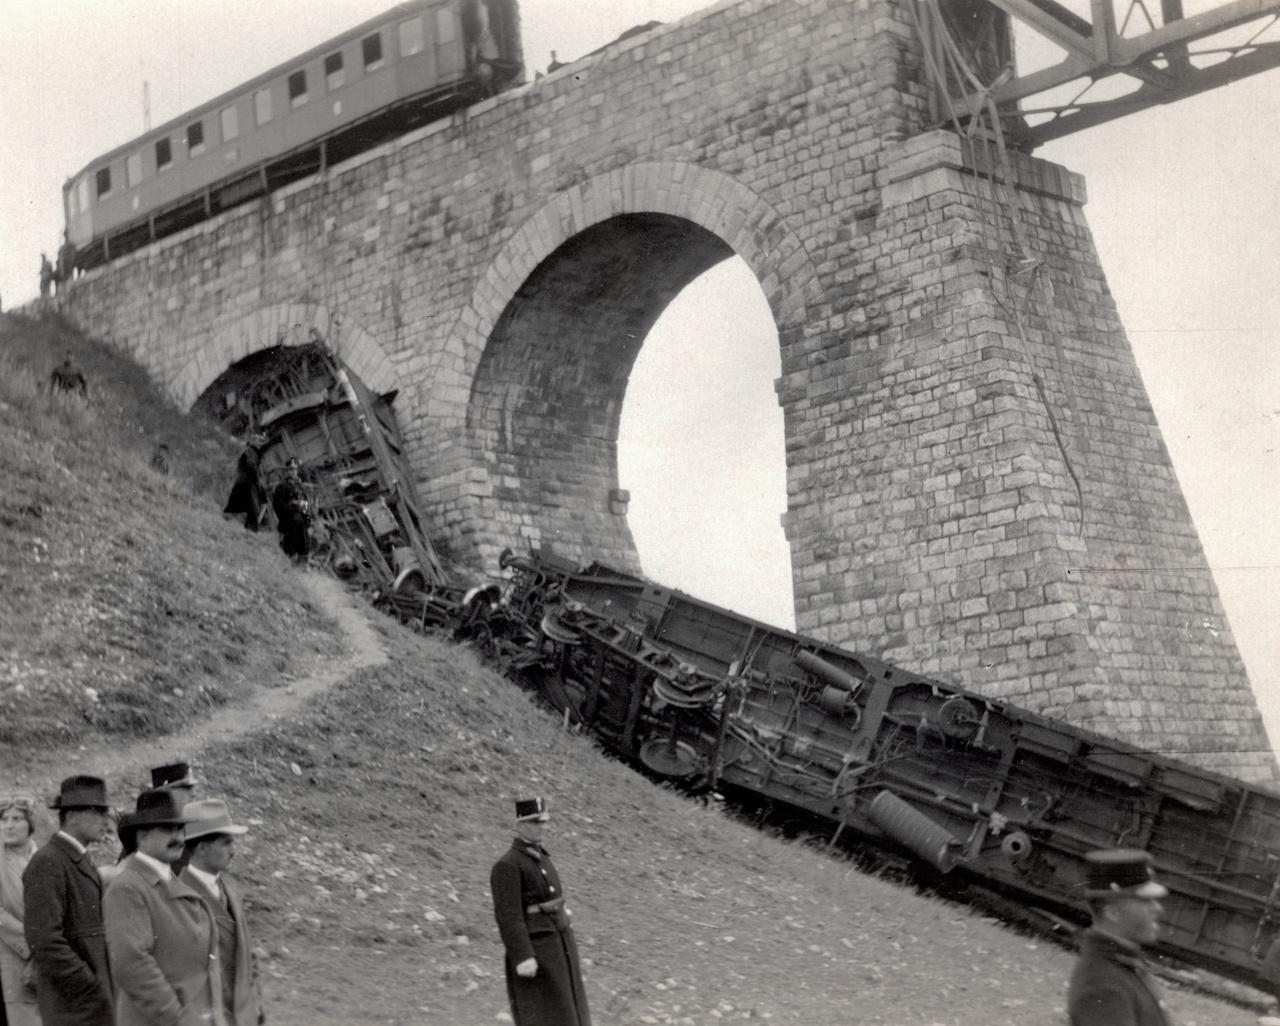 A bécsi gyors fél 12-kor indult el Budapestről, a Keleti pályaudvarról, és a feljegyzések szerint viszonylag kevesen, 105-en utaztak rajta a személyzeten kívül. Hajnal negyed egykor ért a vonat a vidaukthoz, ahol egy hatalmas robbanás után a mozdony kisiklott, majd hat kocsit magával húzva a mélybe zuhant. A vonat hátsó részében utazók elmondása szerint hatalmas robbanást hallottak, majd hallották, ahogy az első kocsik a mélybe zuhanva leérkeznek. Többen több robbanásról beszéltek, ez amiatt is lehetett, hogy a kisiklató detonáció következtében mélybe zuhanó mozdony kazánja is felrobbant. Éjszaka volt, vaksötét, csak a zuhanást túlélő sérültek kiabálását lehetett hallani. Többen leereszkedtek a roncsokhoz, de nem igazán tudtak segíteni eleinte a sötétben.